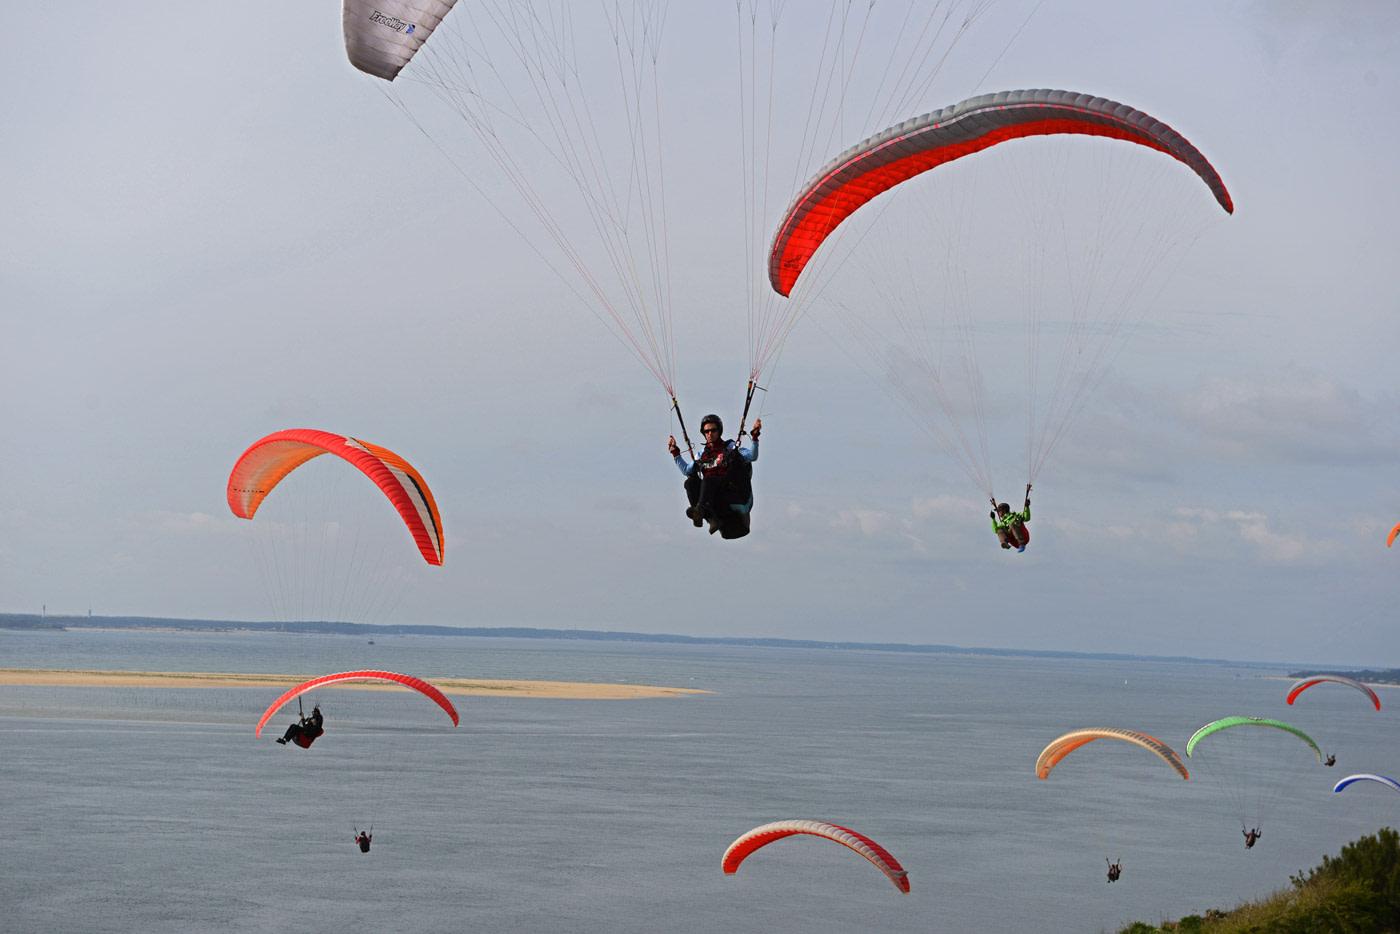 Beste Flugbedingungen an der Dune du Pilat in Frankreich. Hier können Gleitschirmpiloten stundenlang fliegen.